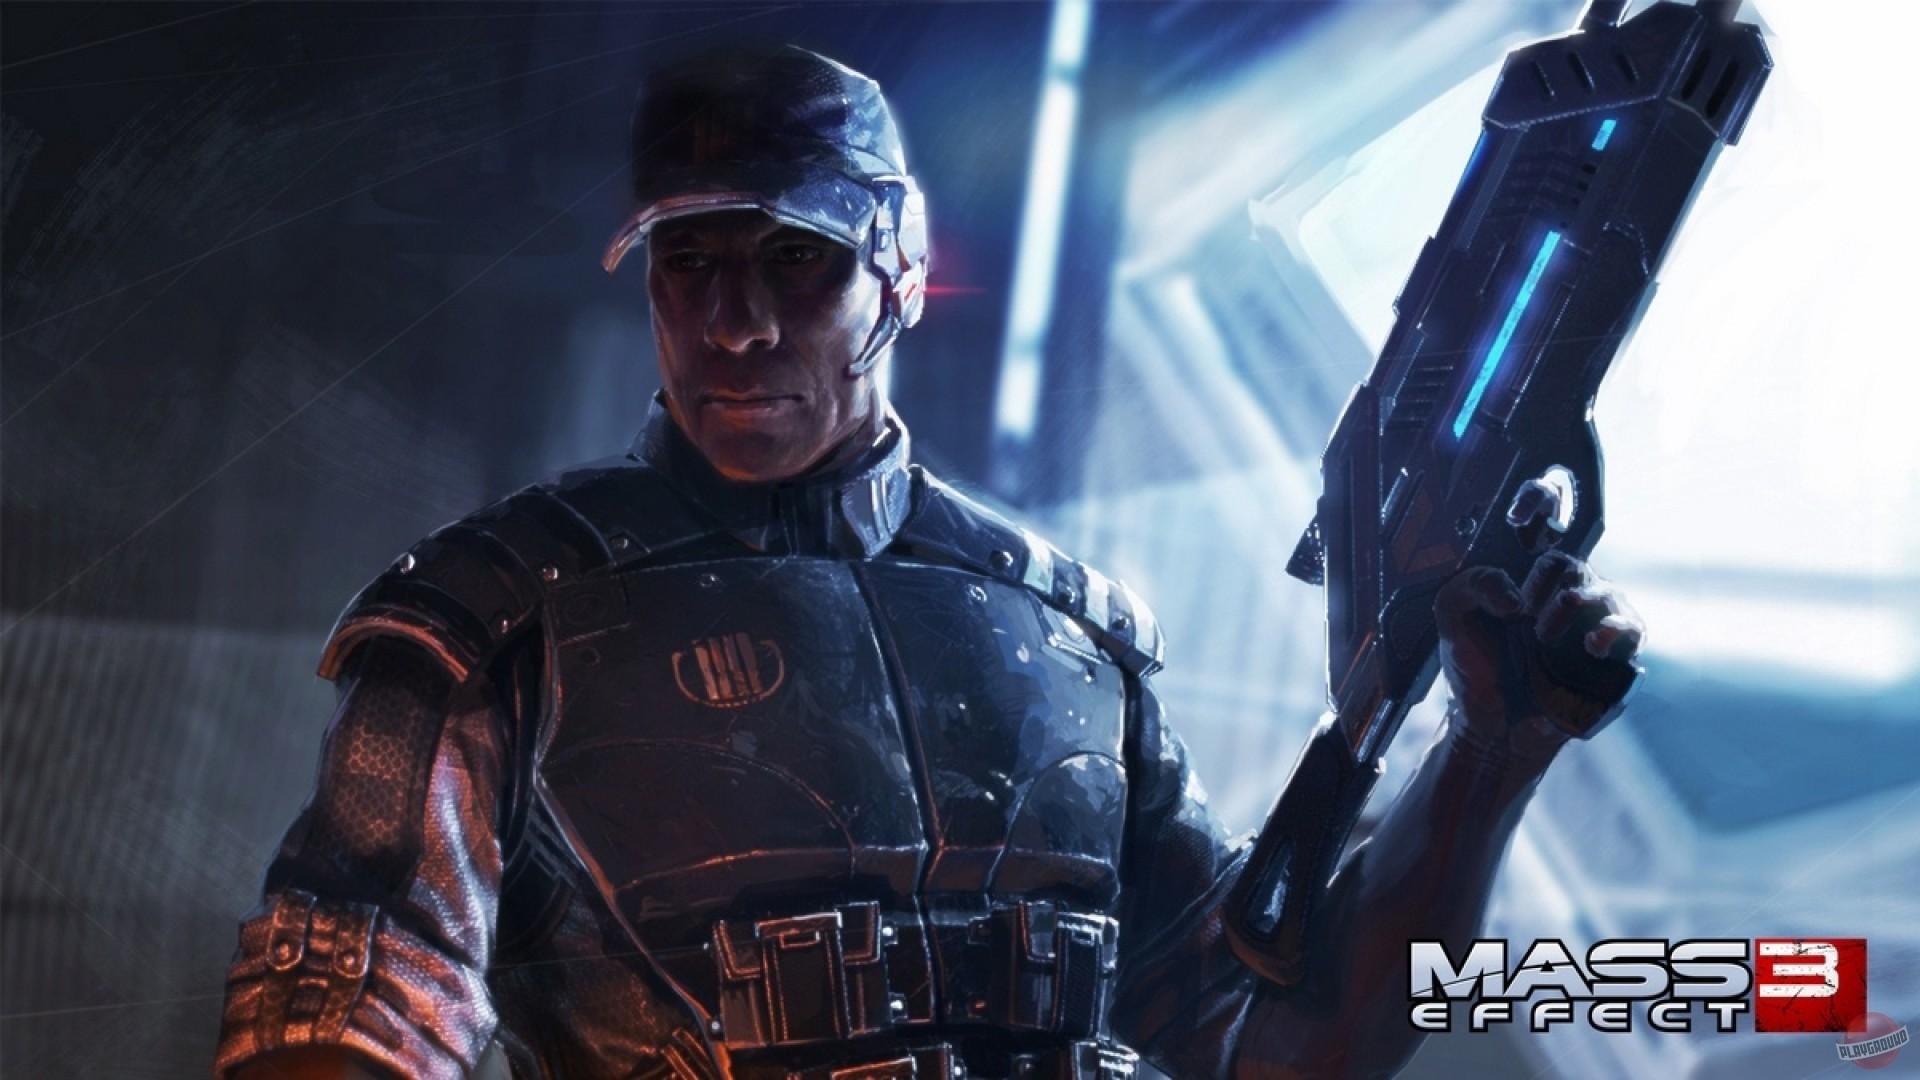 Mass Effect Достижения